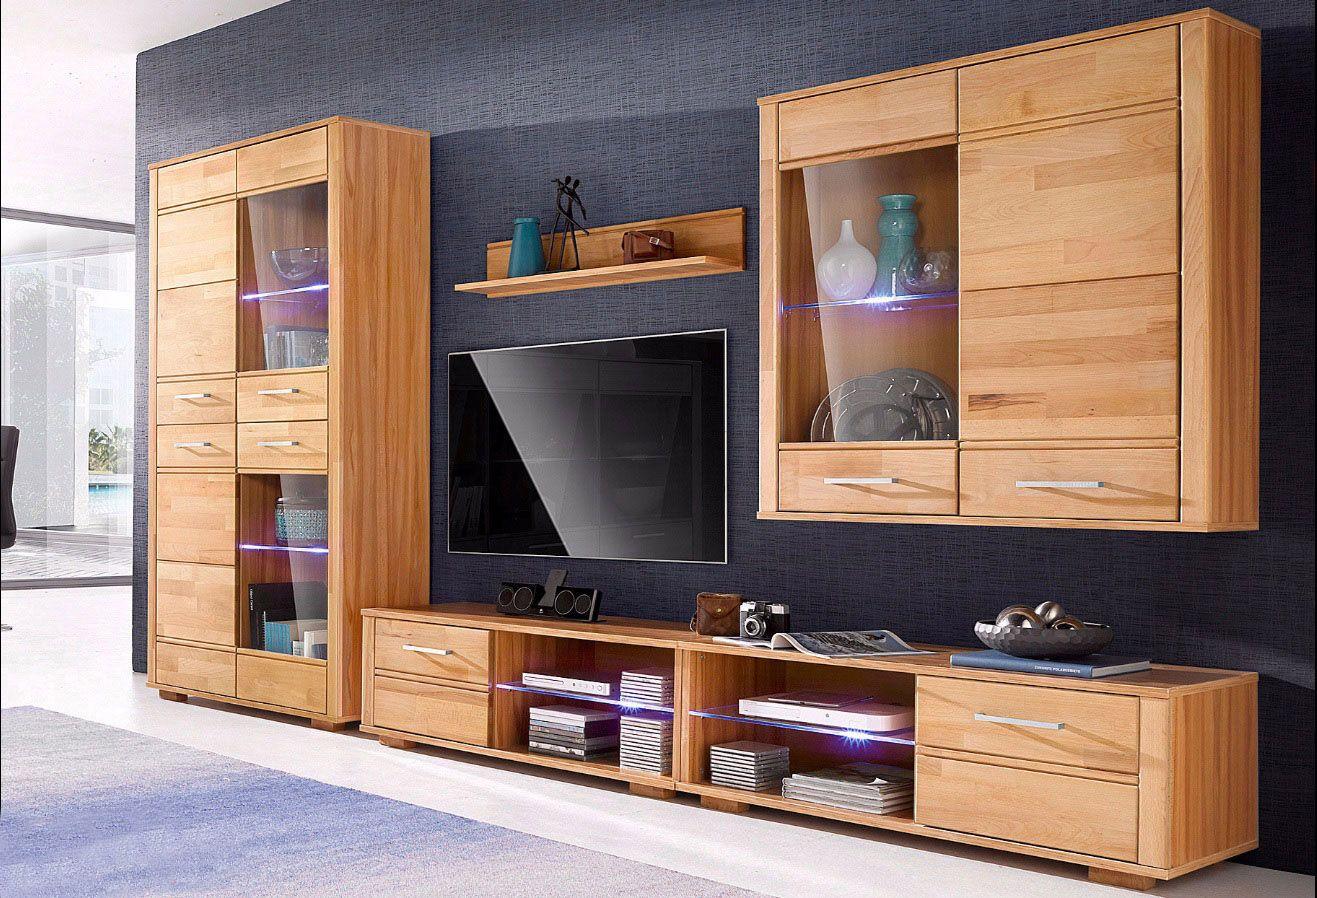 Tv Lowboard Kashmir Online Bei Poco Kaufen Landhausstil Wohnzimmer Wohnzimmerschranke Wohnwand Weiss